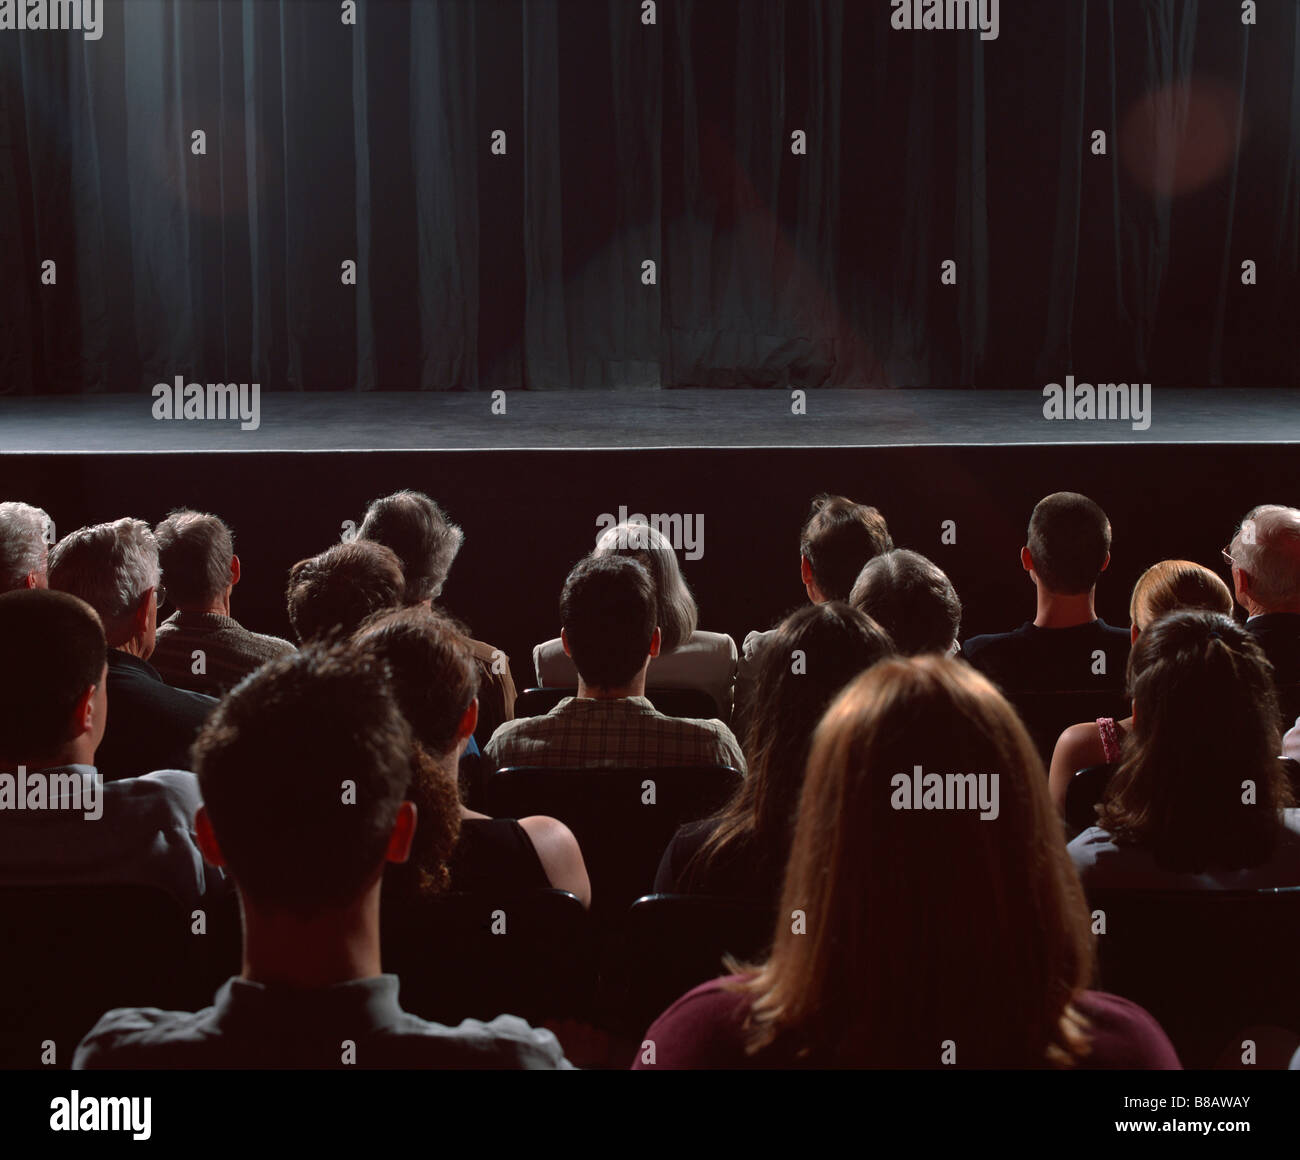 FV3475, Steve Lawrence; Sitzendem Publikum leeren Bühne Stockbild